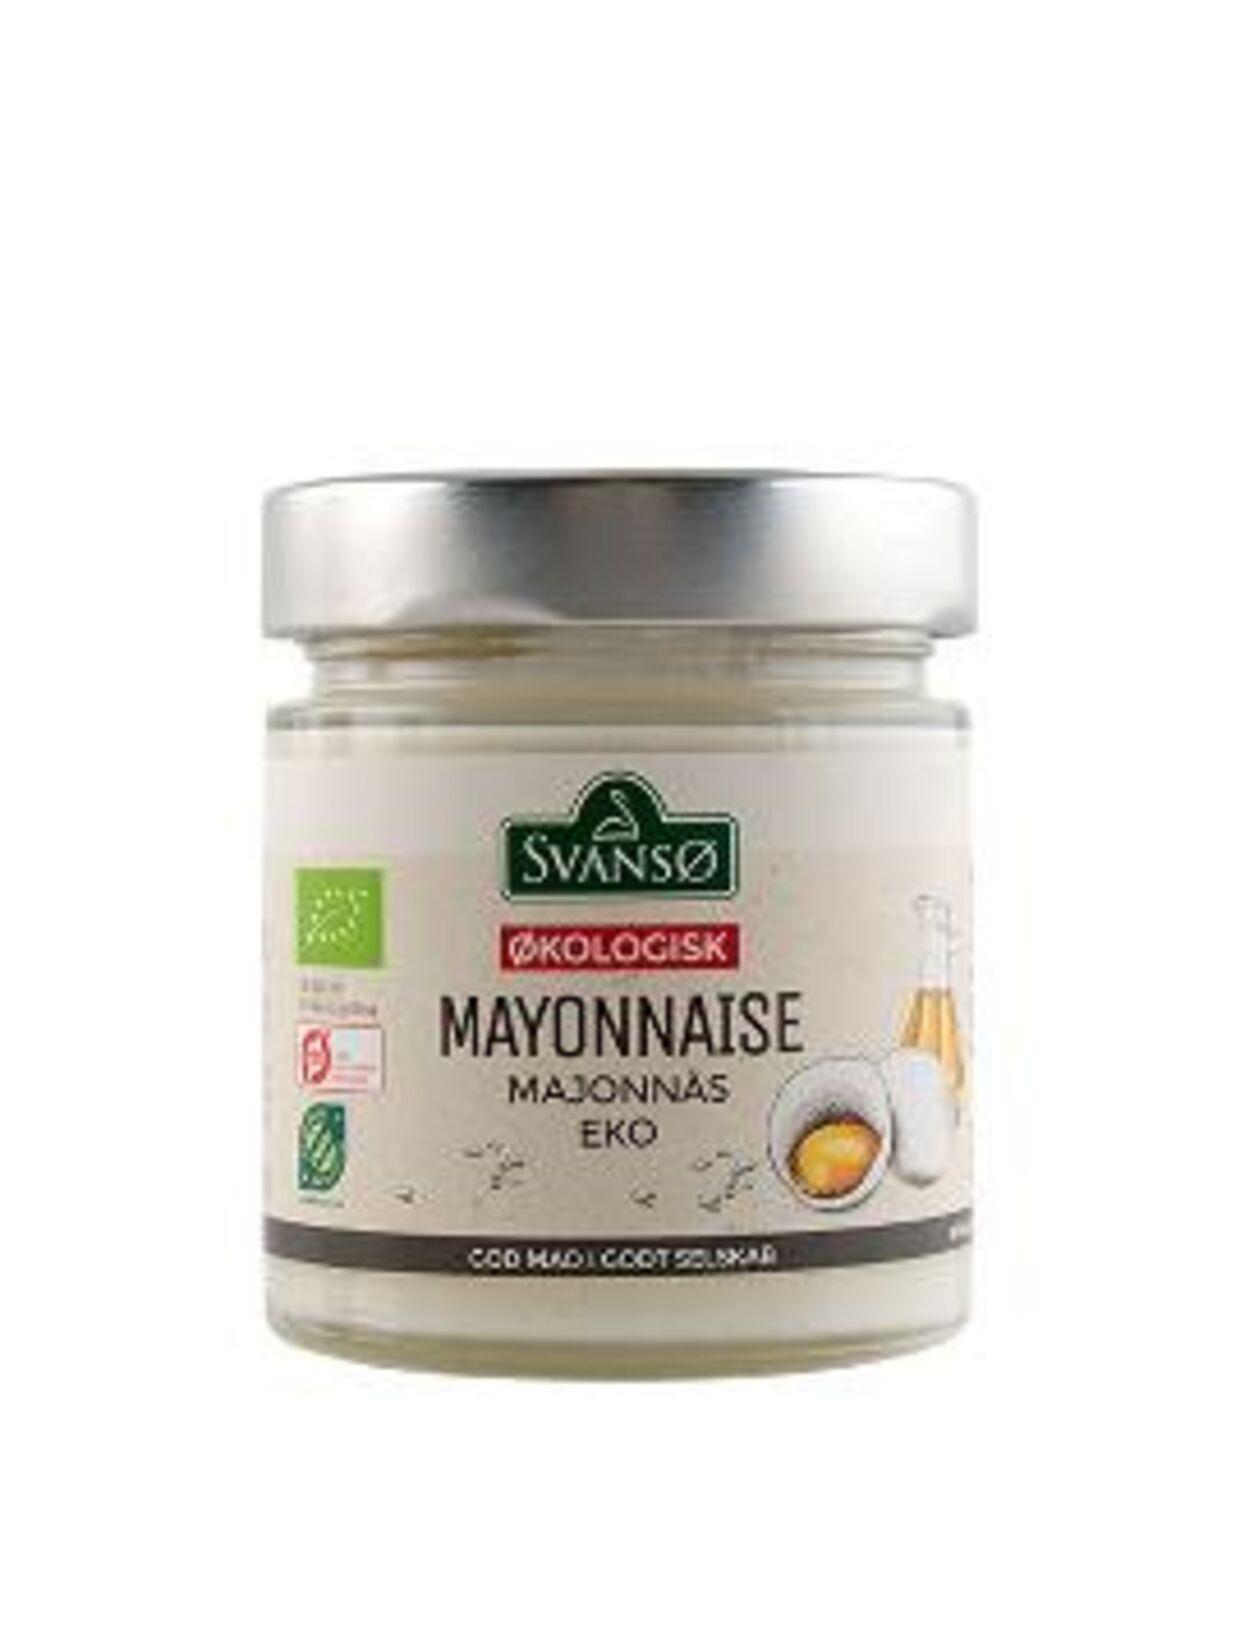 Svansø Økologisk Mayonnaise